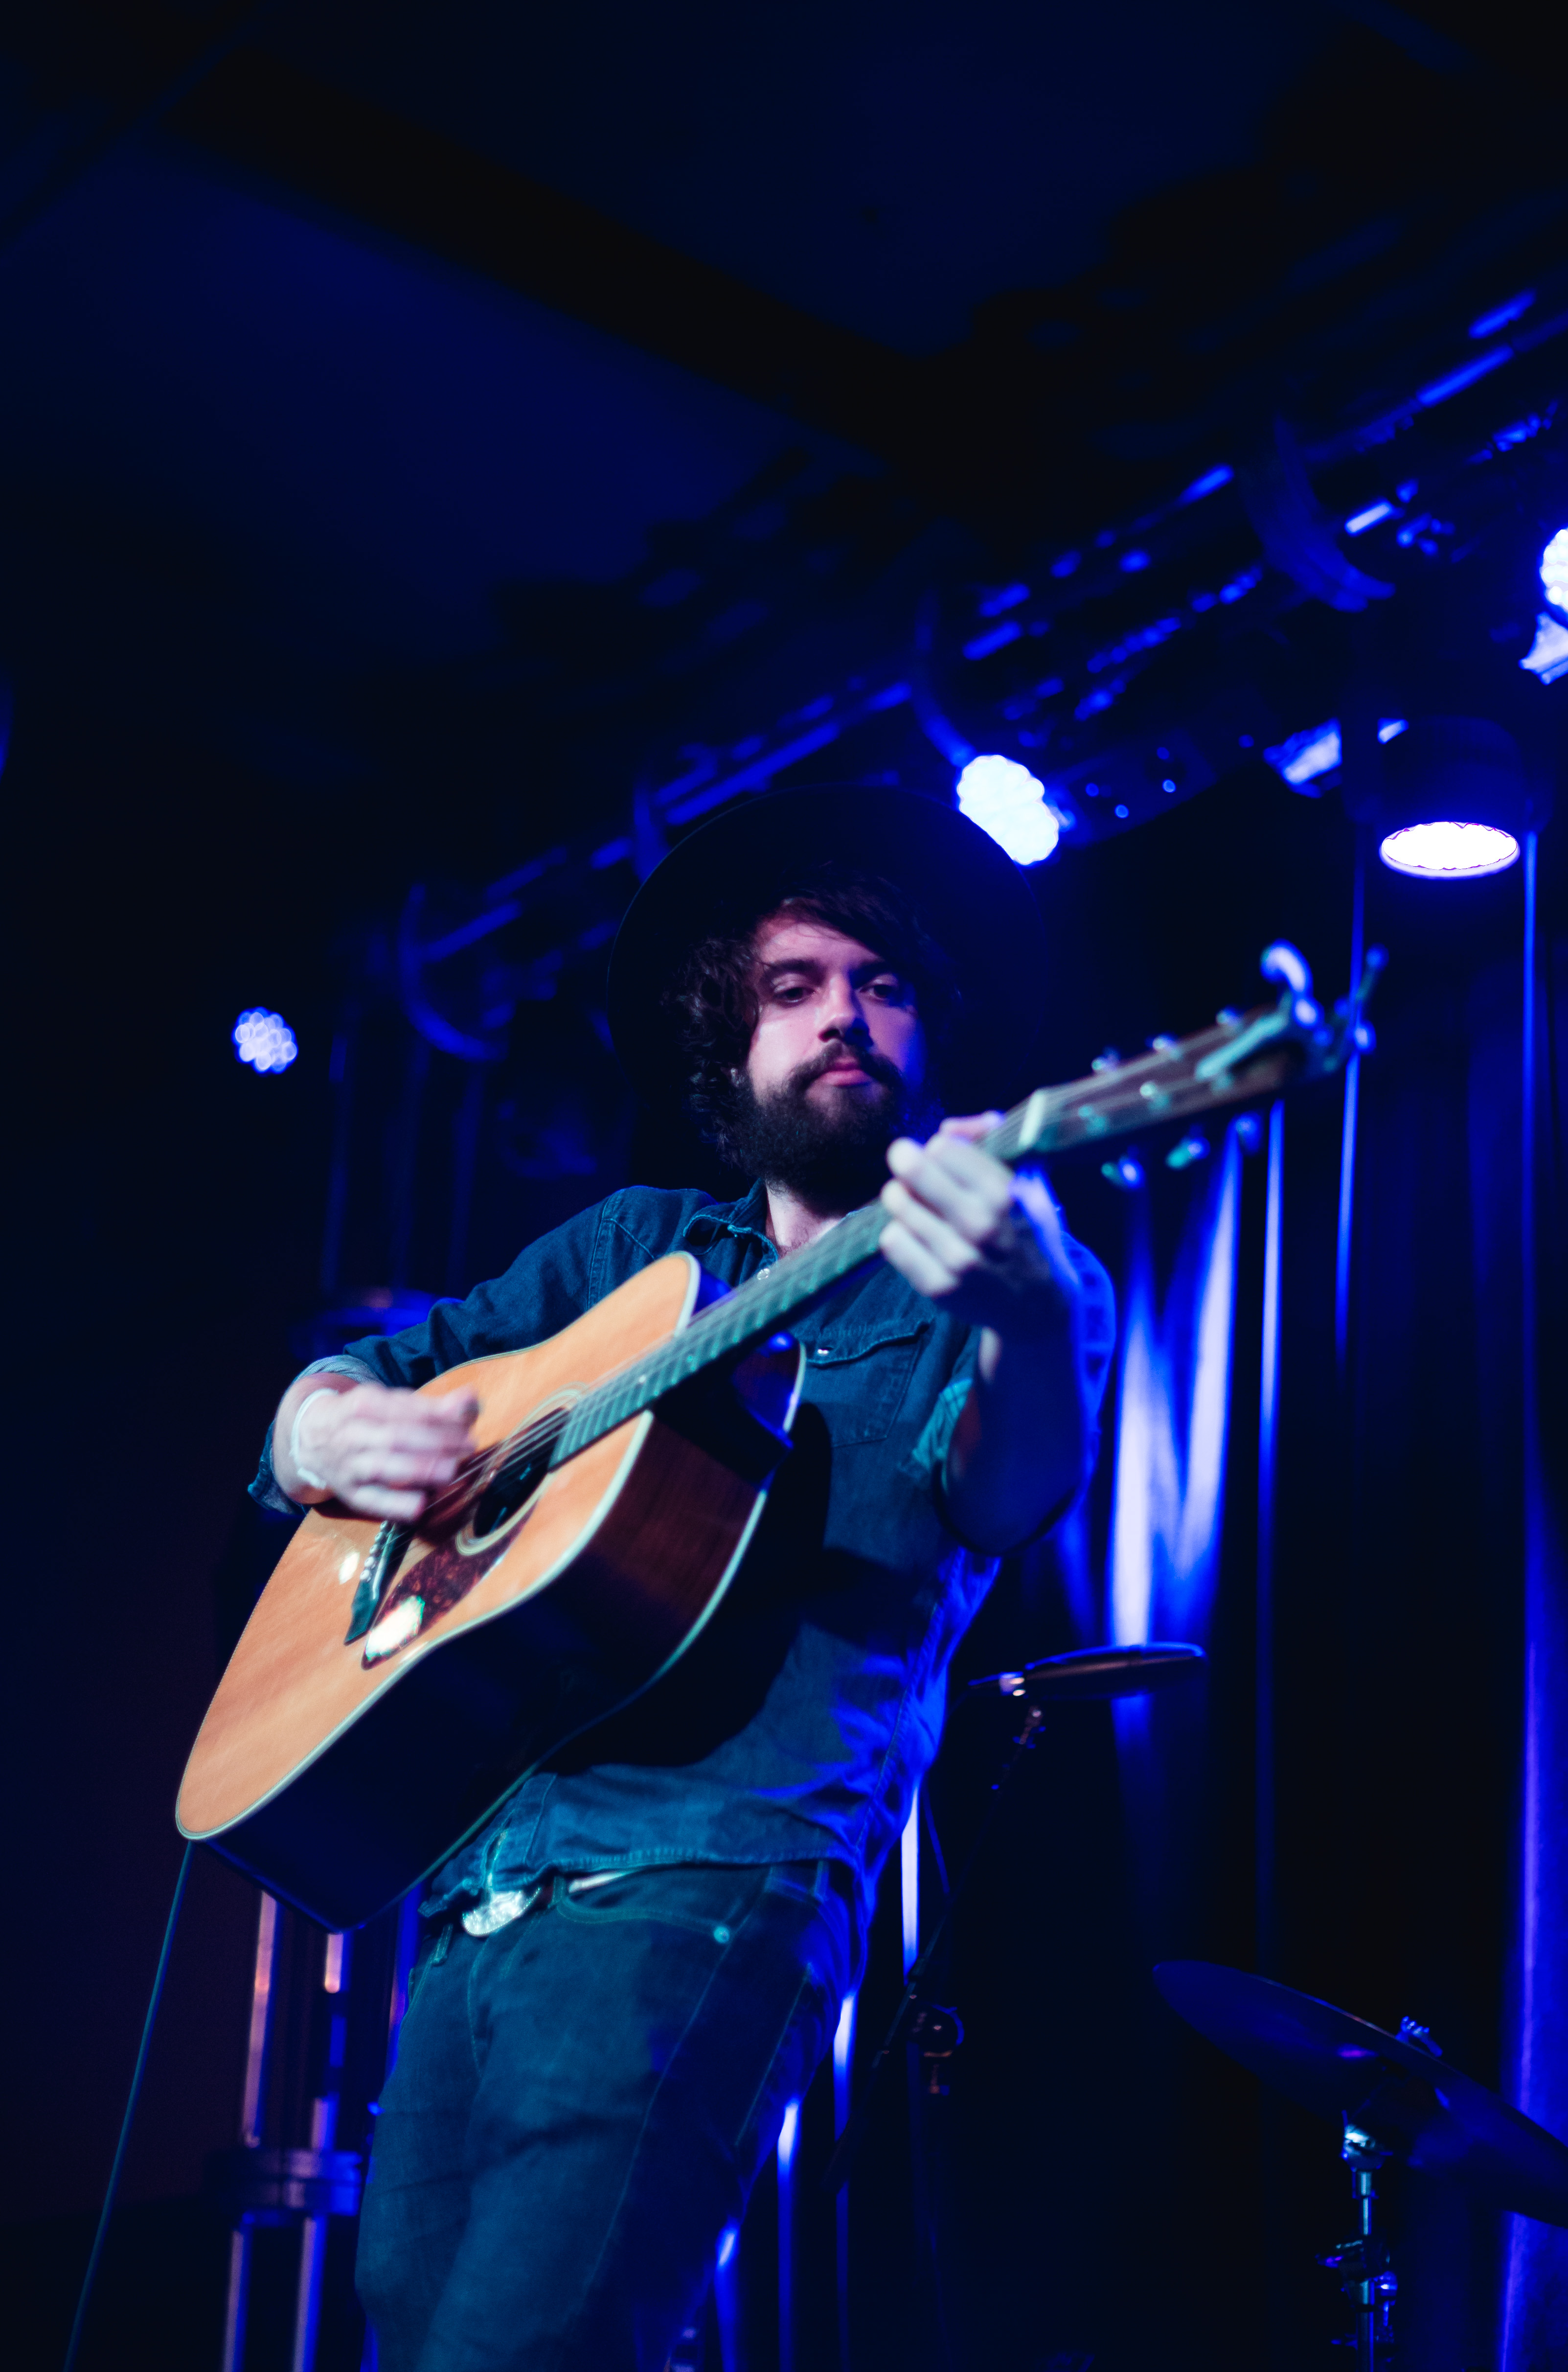 Ryan Kanaly